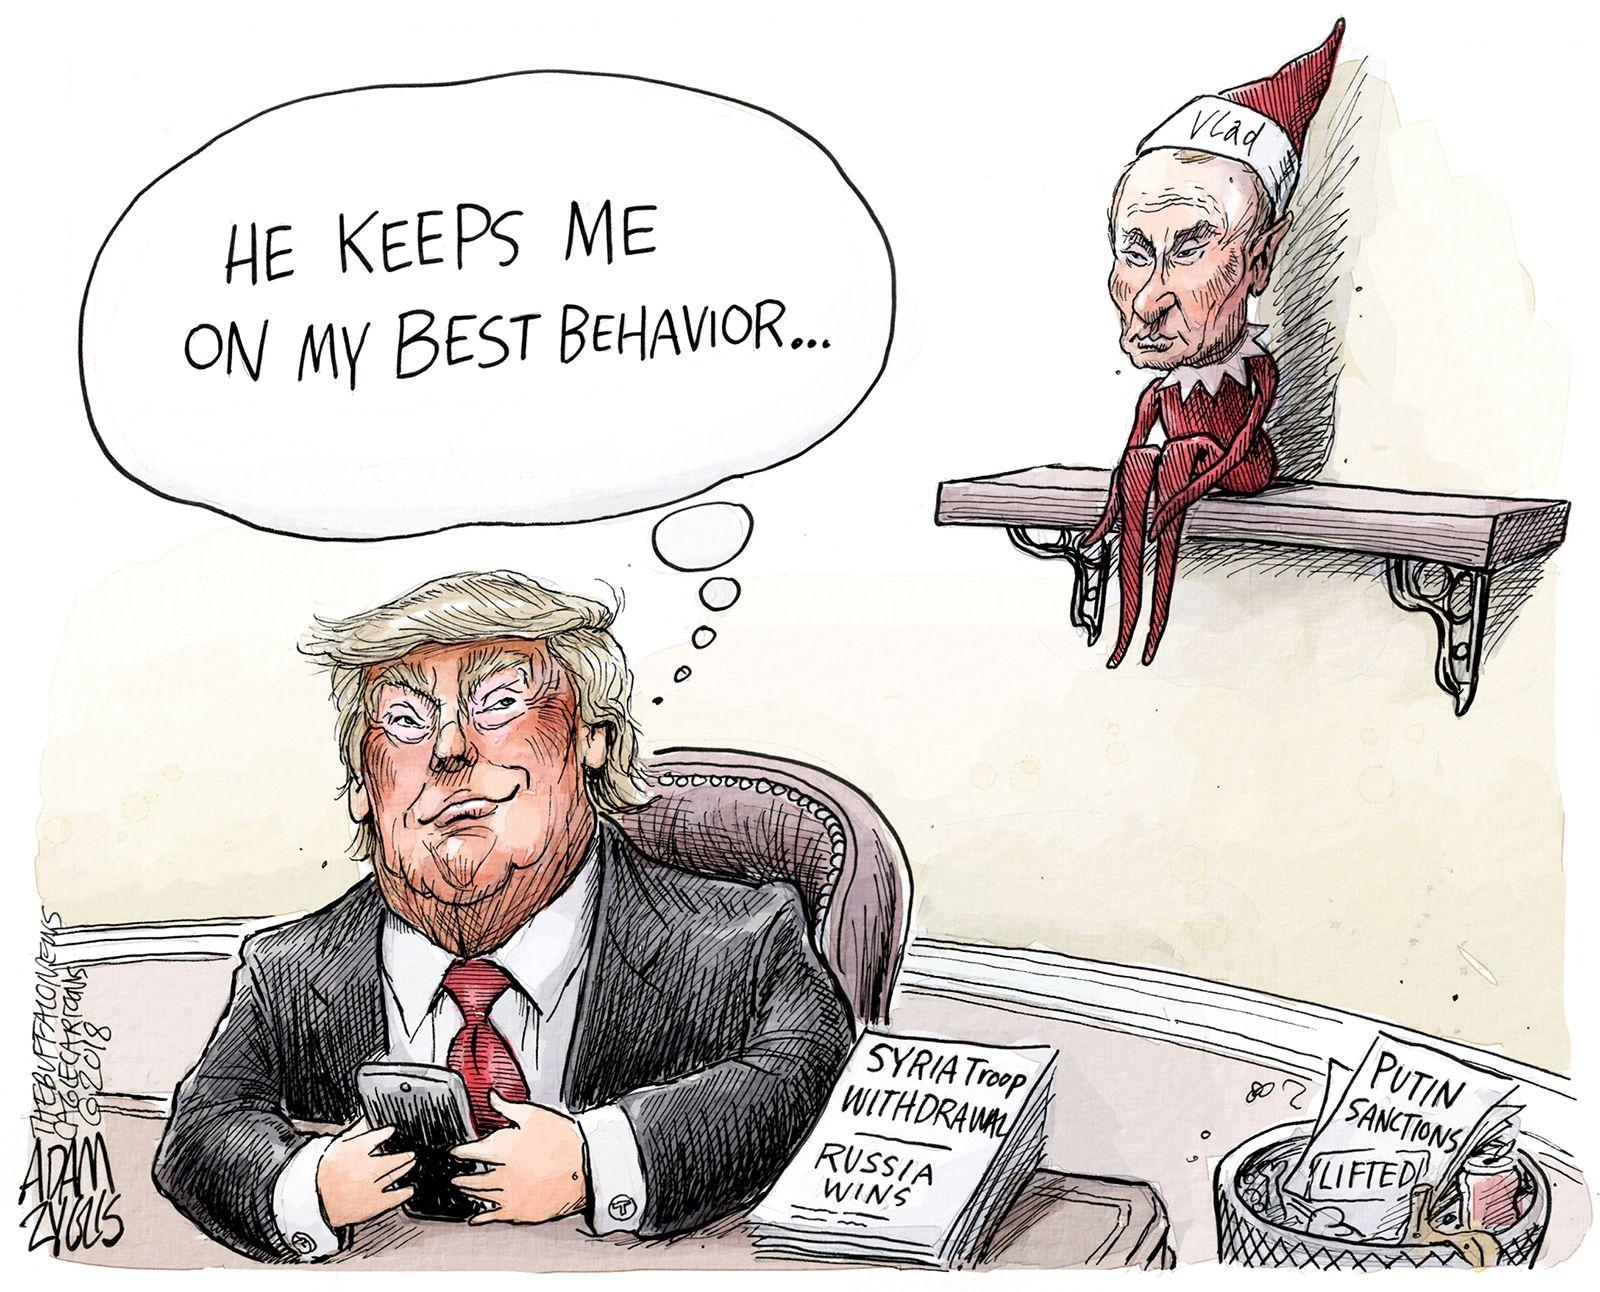 Kremlin on the shelf: December 20, 2018